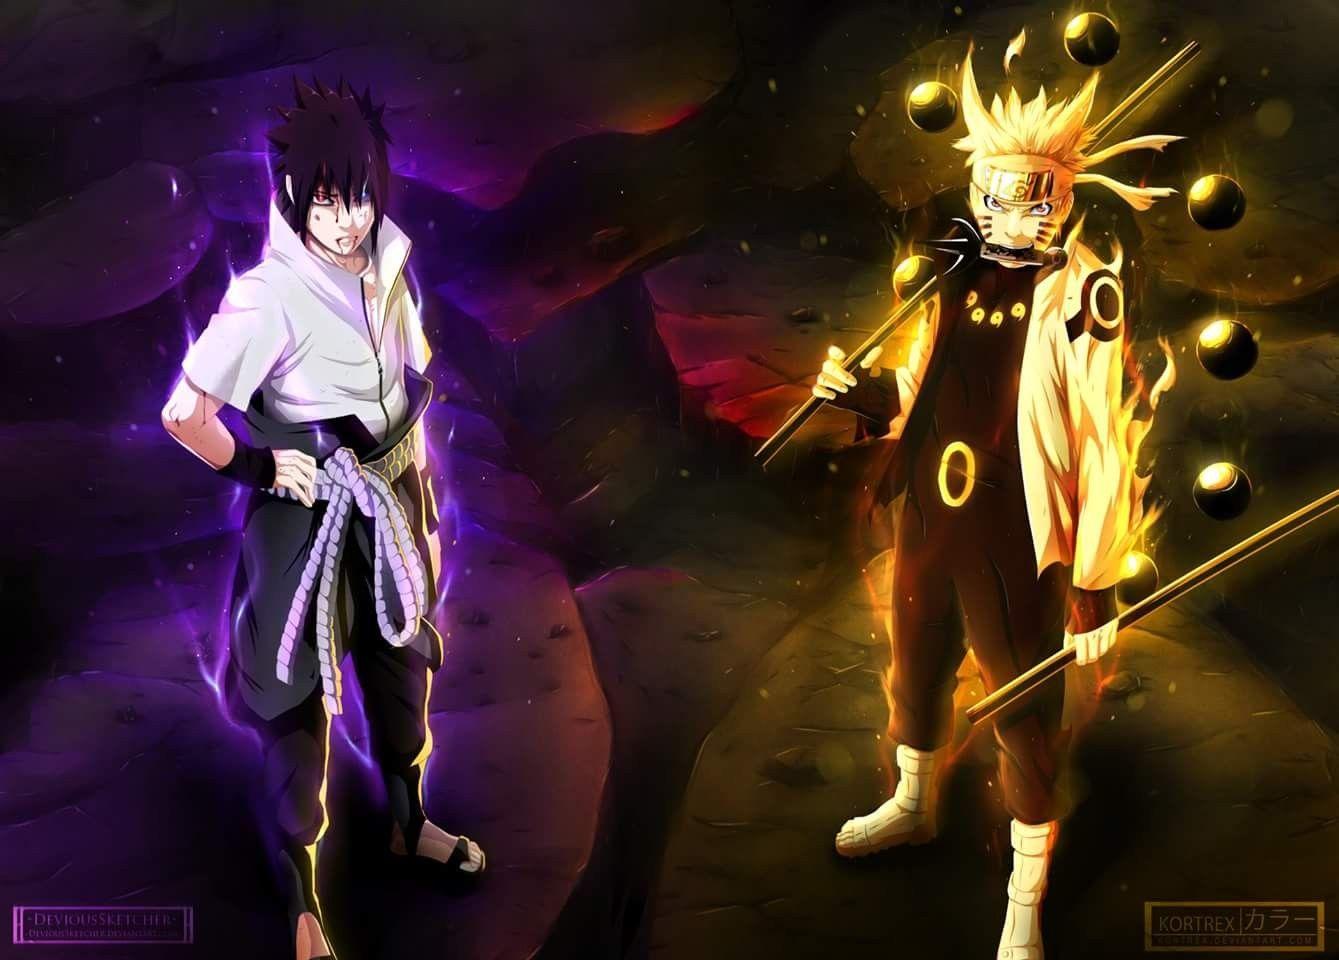 Pin De Ste Em 1 Naruto E Sasuke Desenho Naruto Dan Sasuke Naruto Vs Sasuke